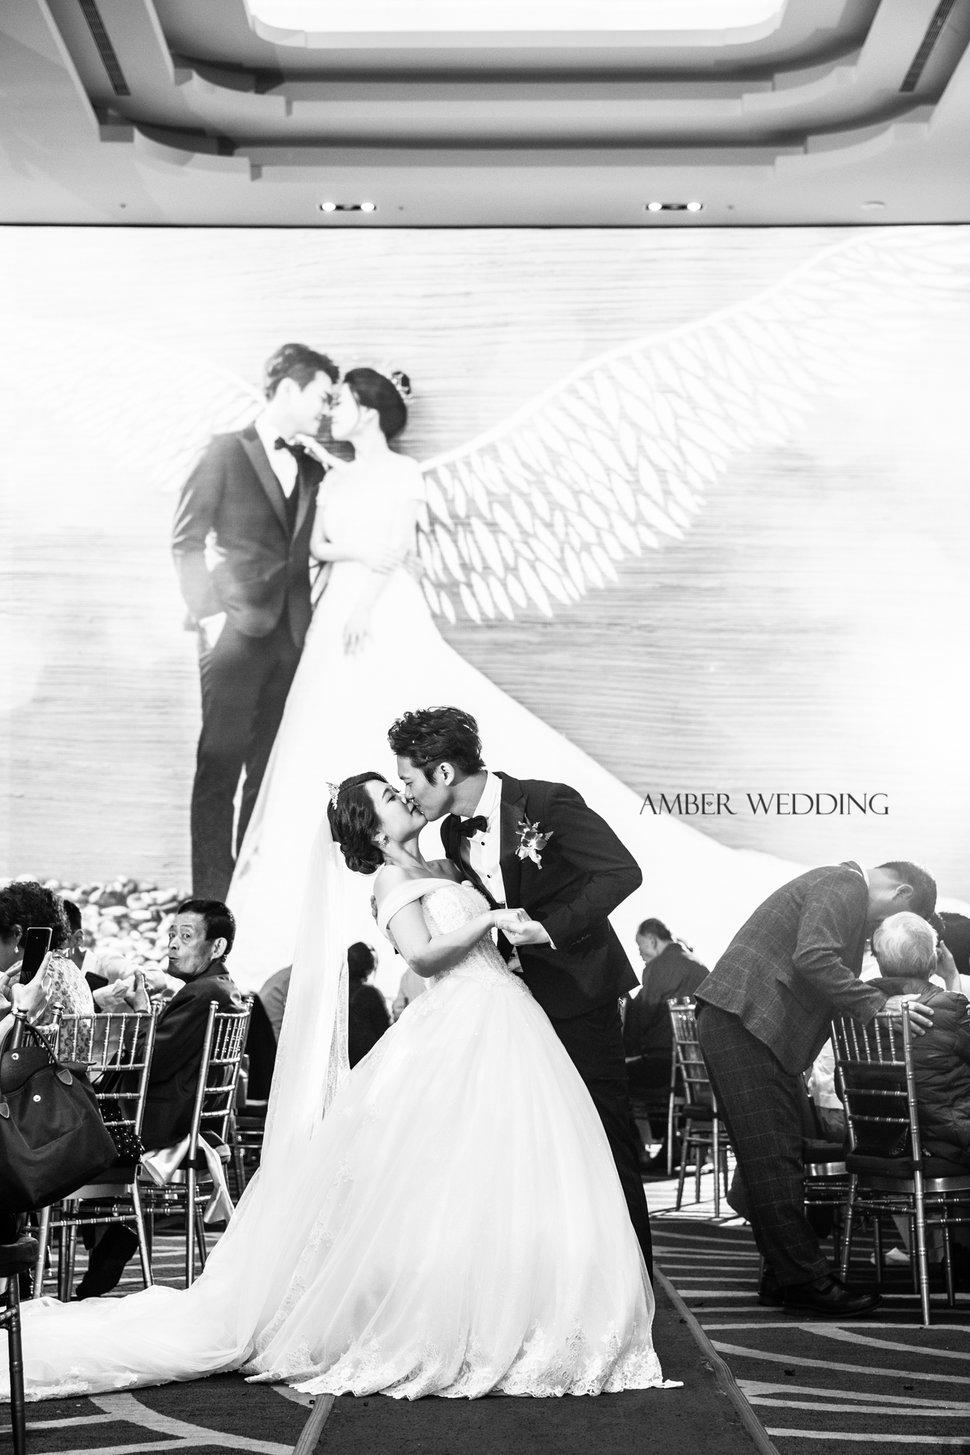 俊展香伶-37 - AMBER WEDDING 工作室《結婚吧》